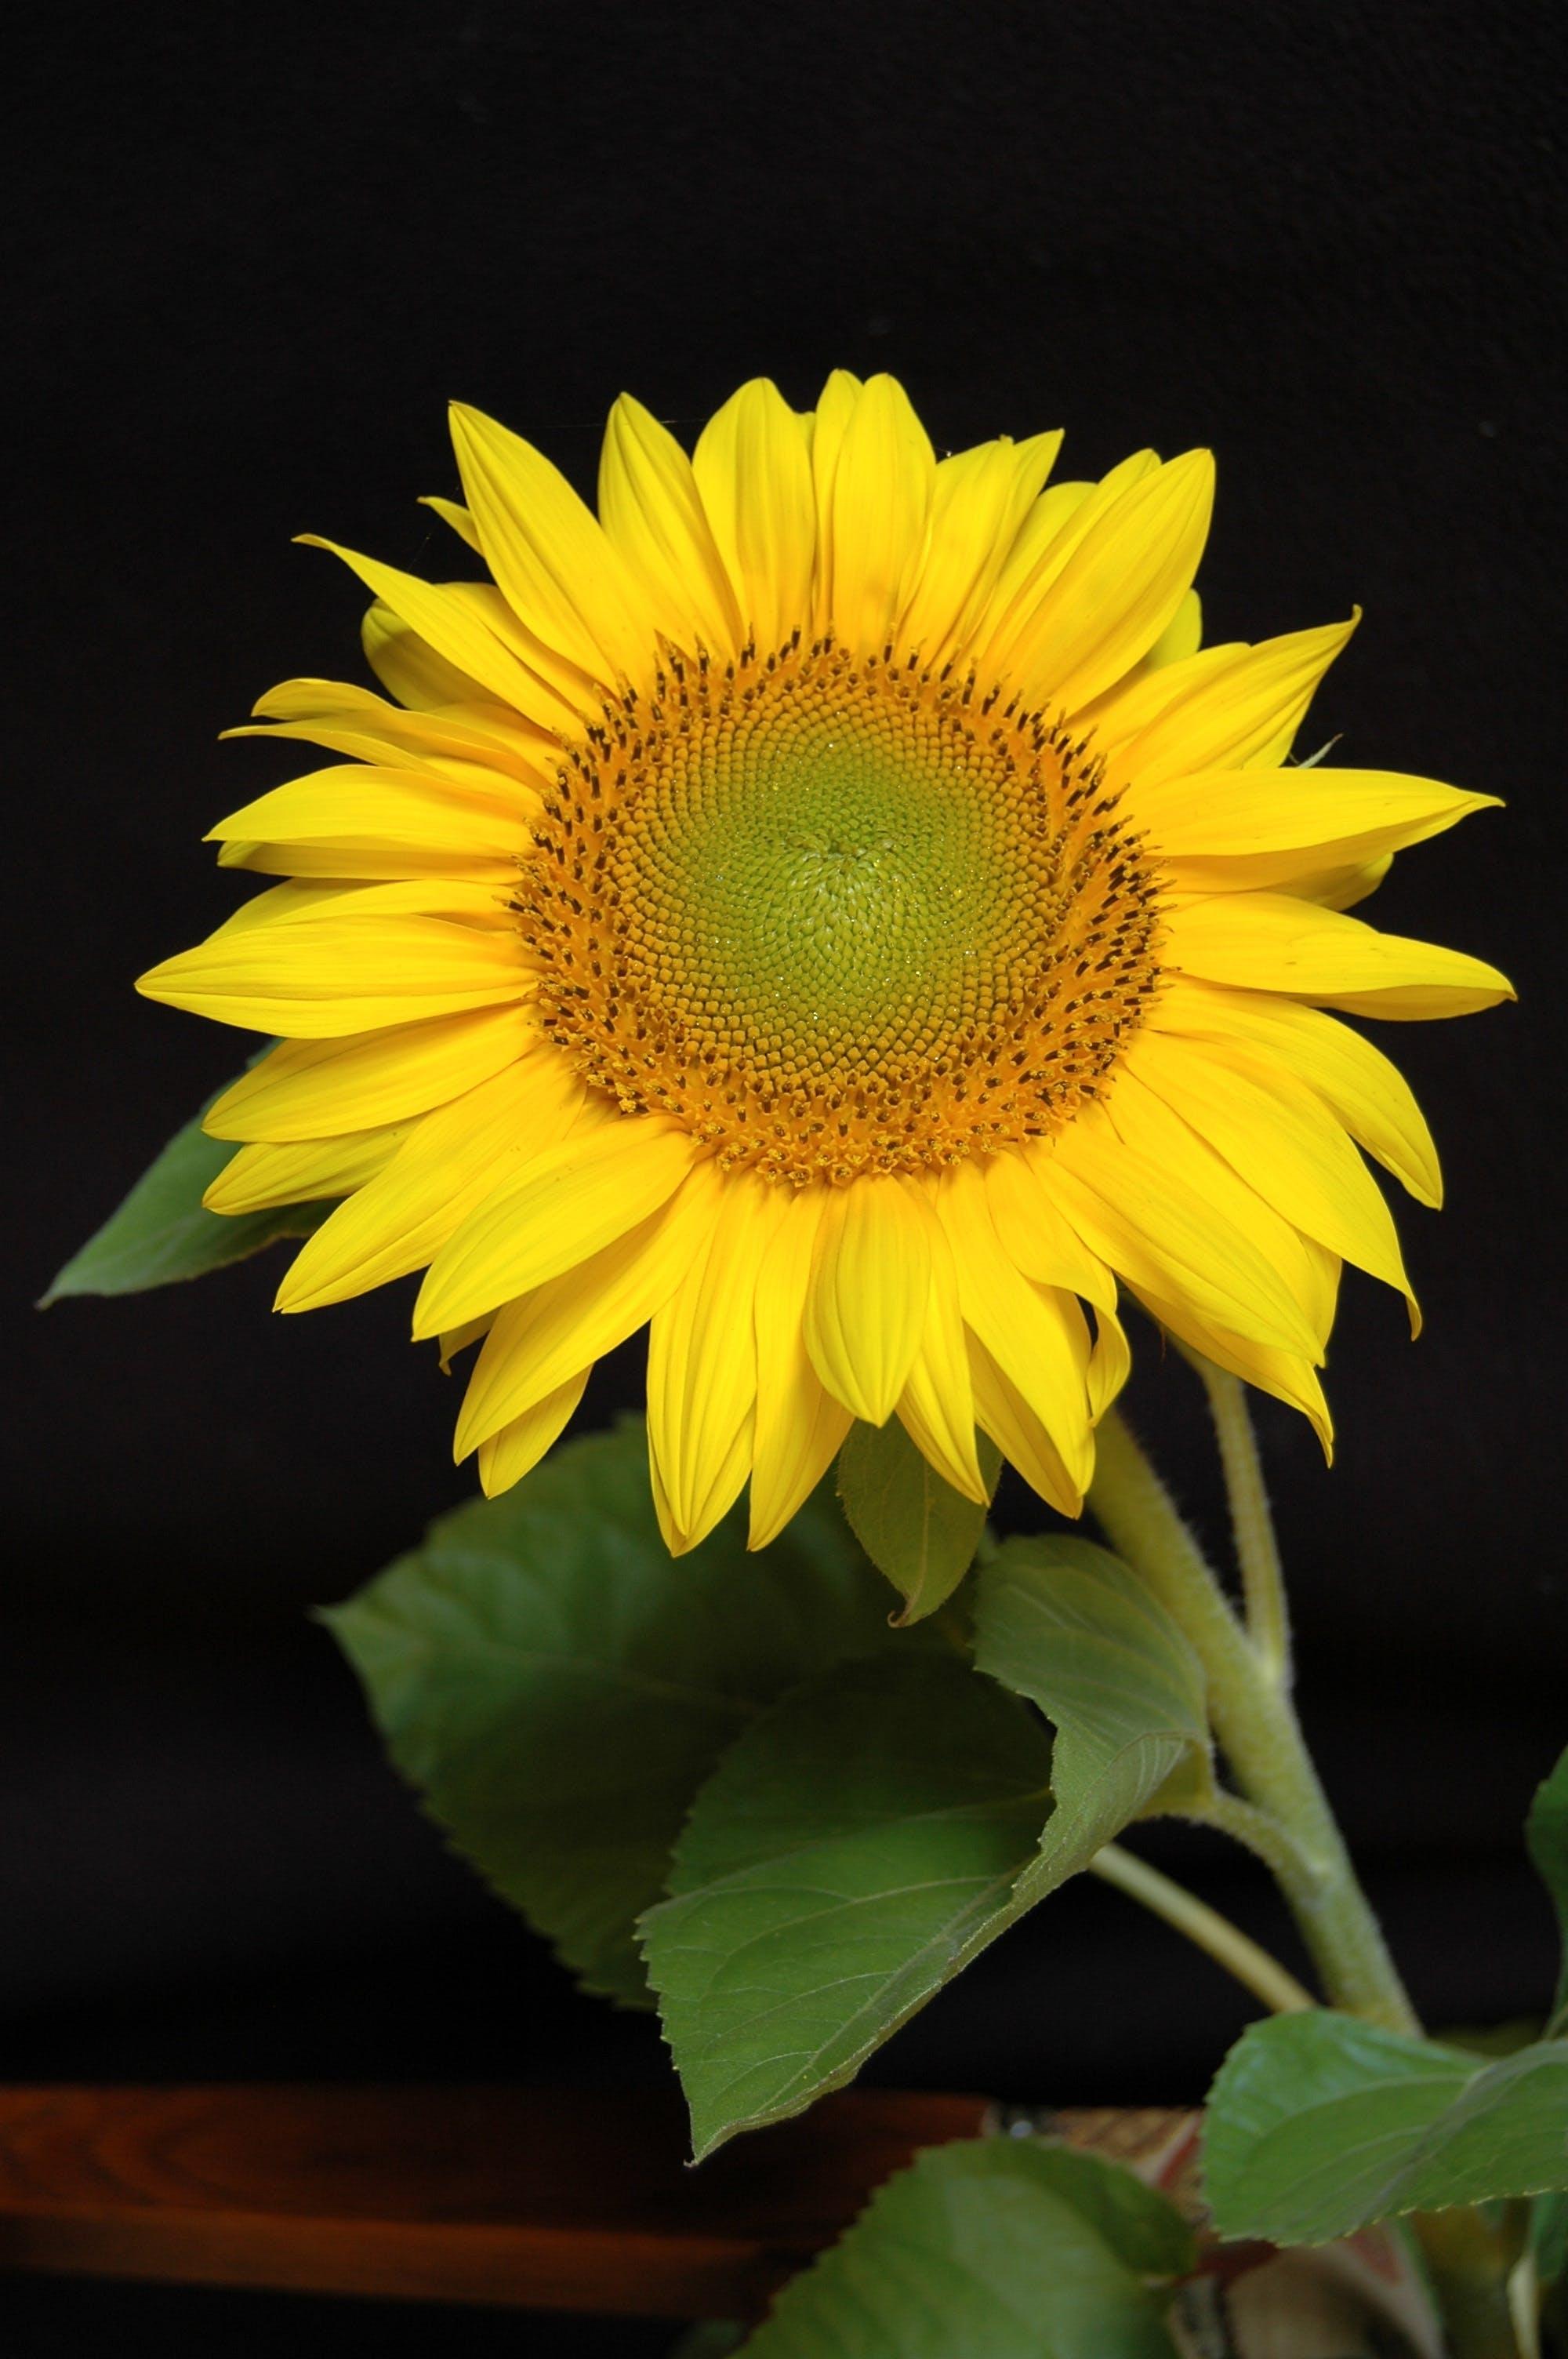 Gratis lagerfoto af blomst, close-up, flora, kronblade